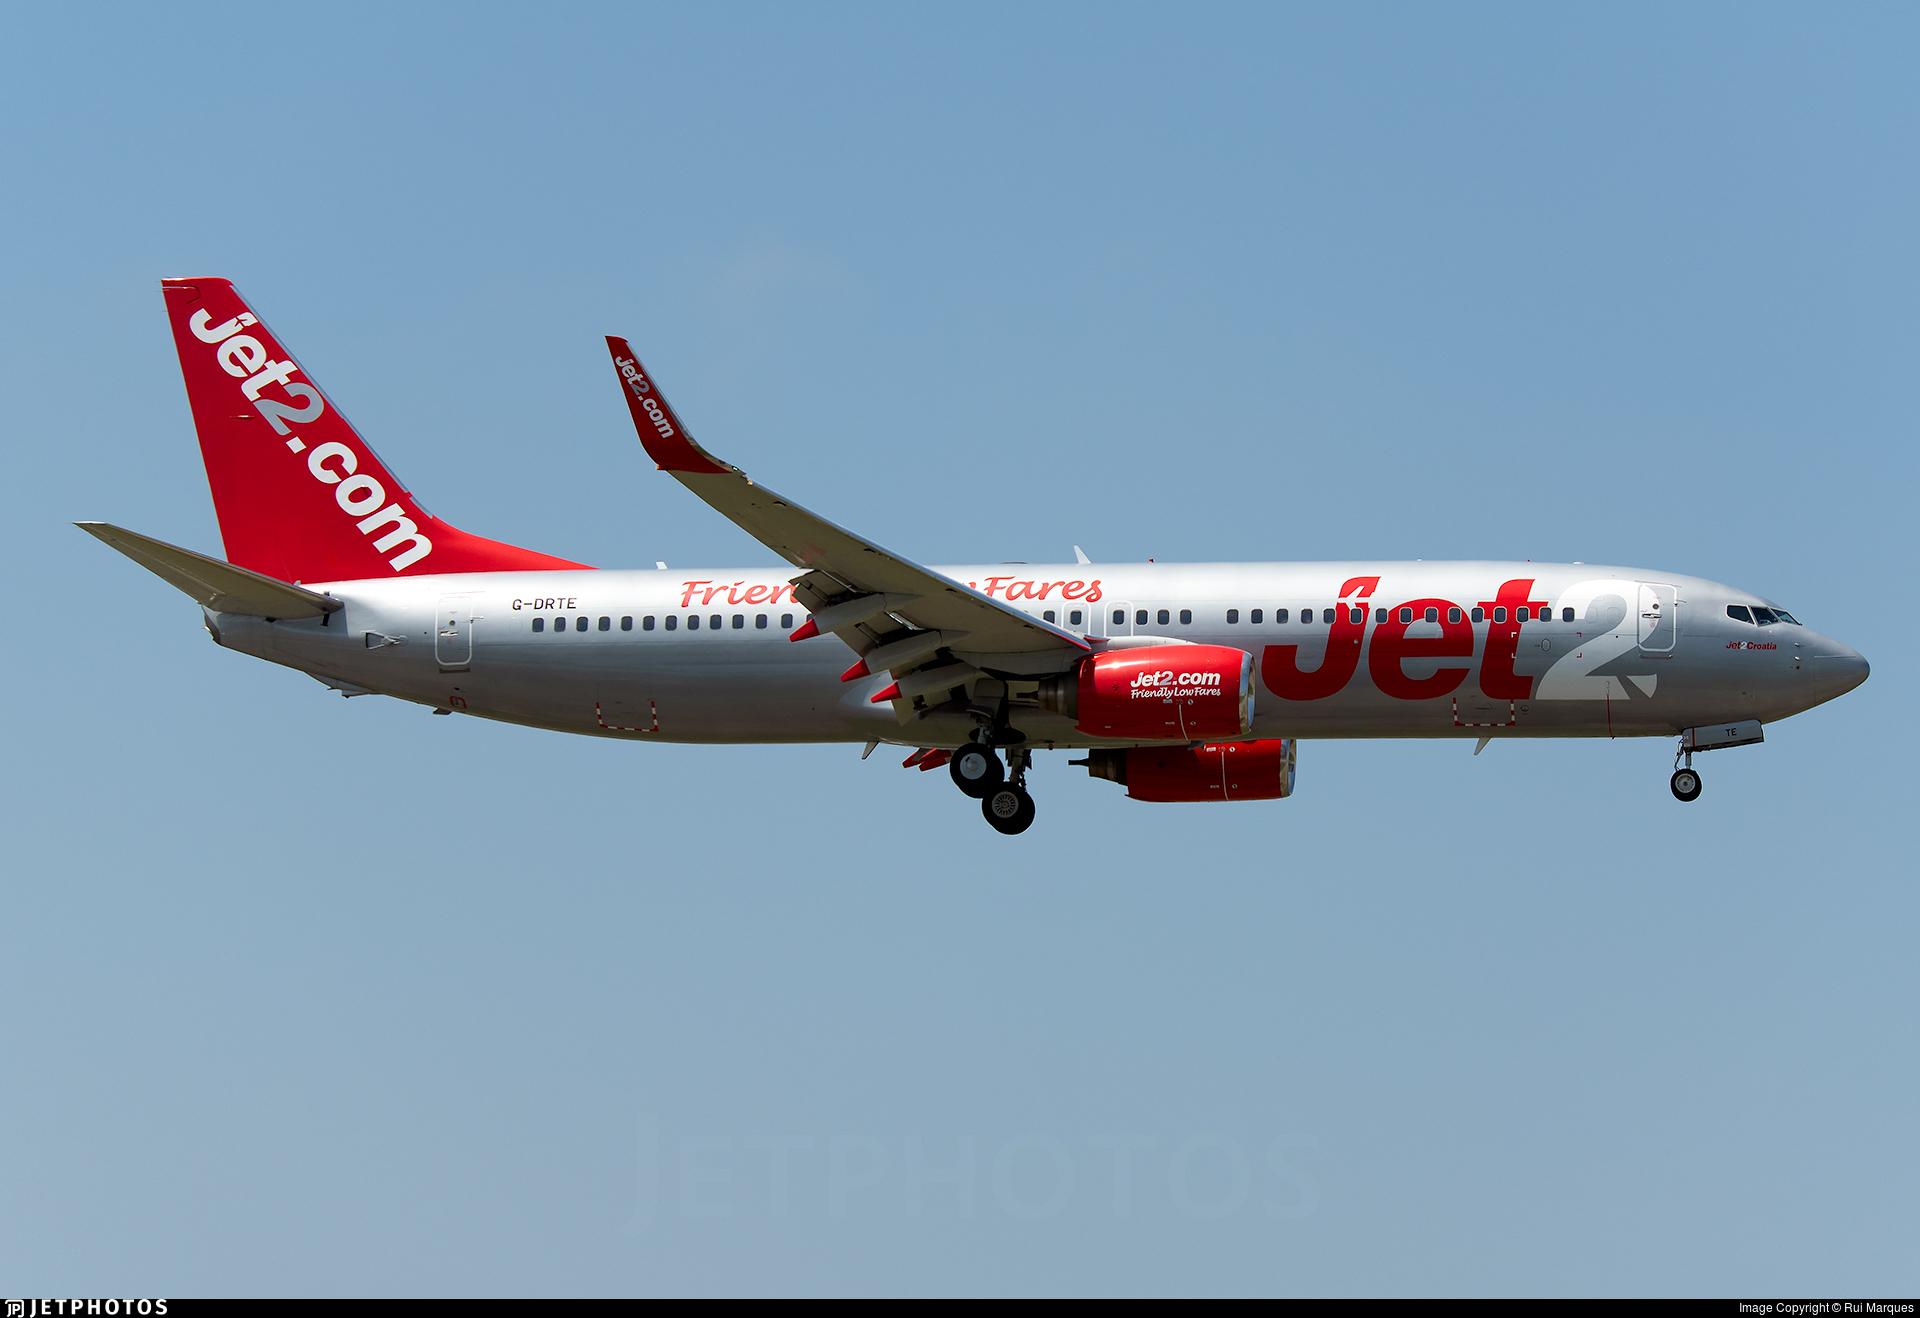 G-DRTE - Boeing 737-8K5 - Jet2.com